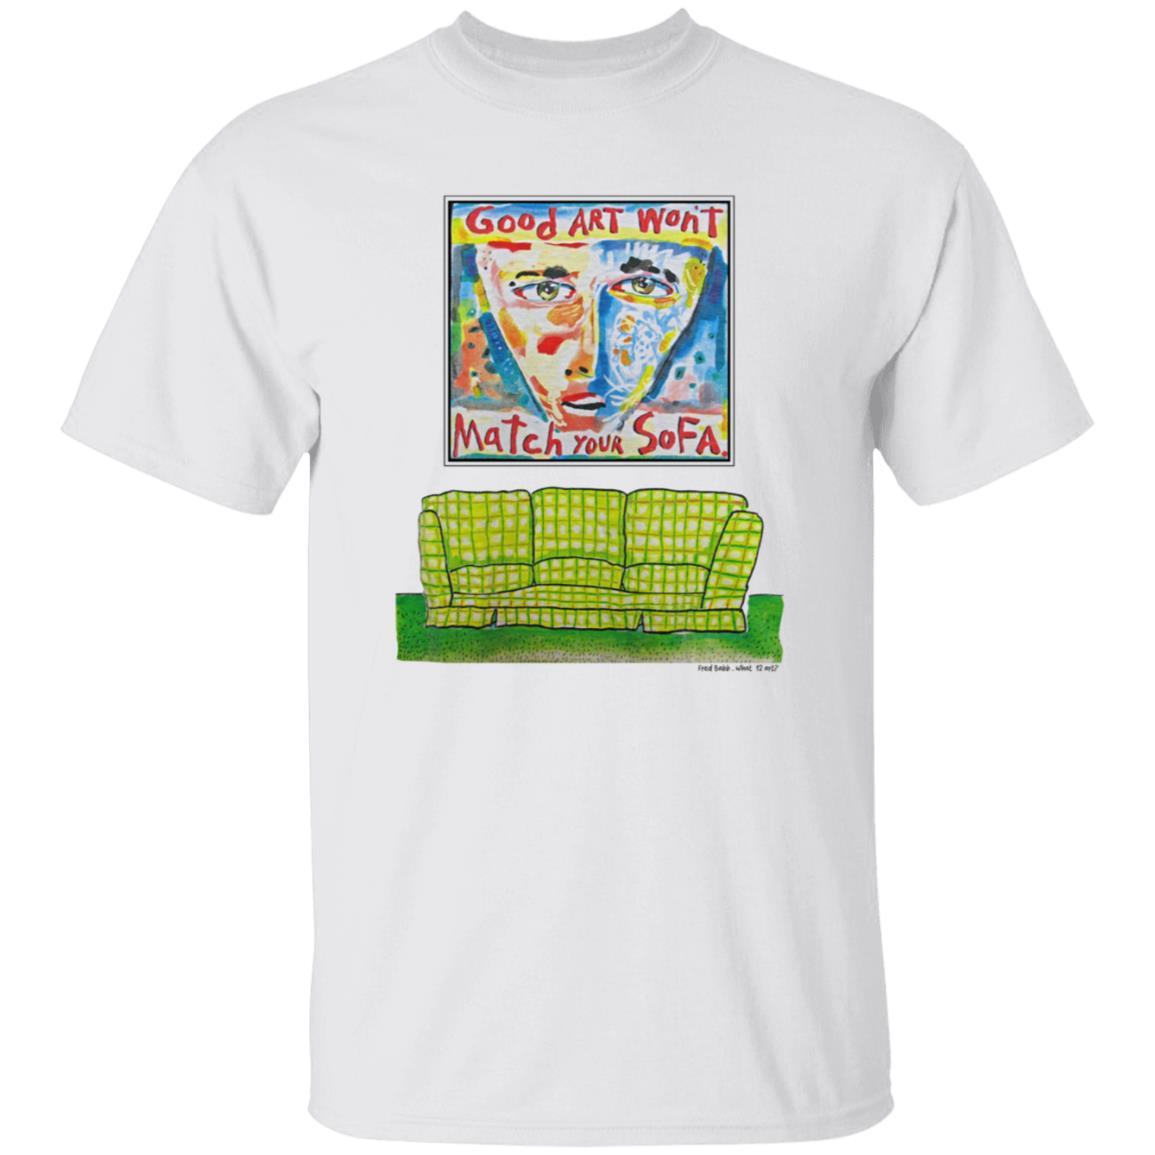 Good Art Wont Match Your Sofa T Shirt Kristen Johnston